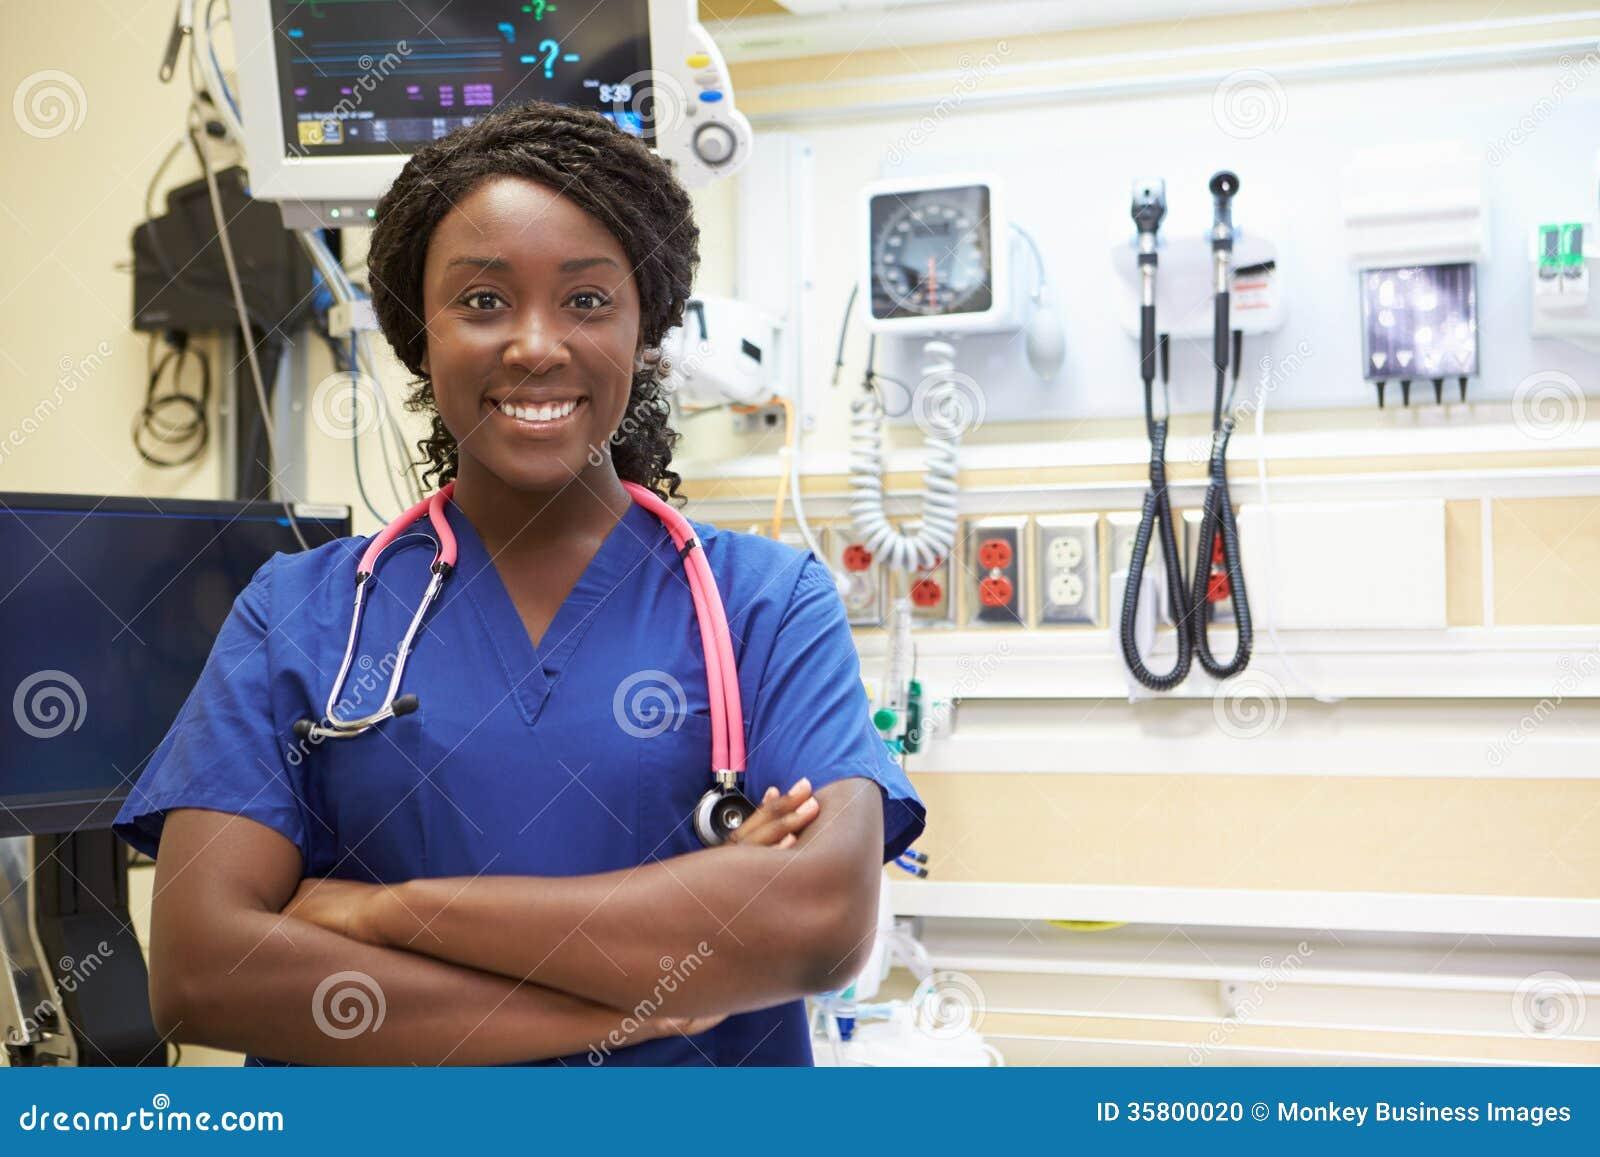 Retrato de la enfermera de sexo femenino In Emergency Room